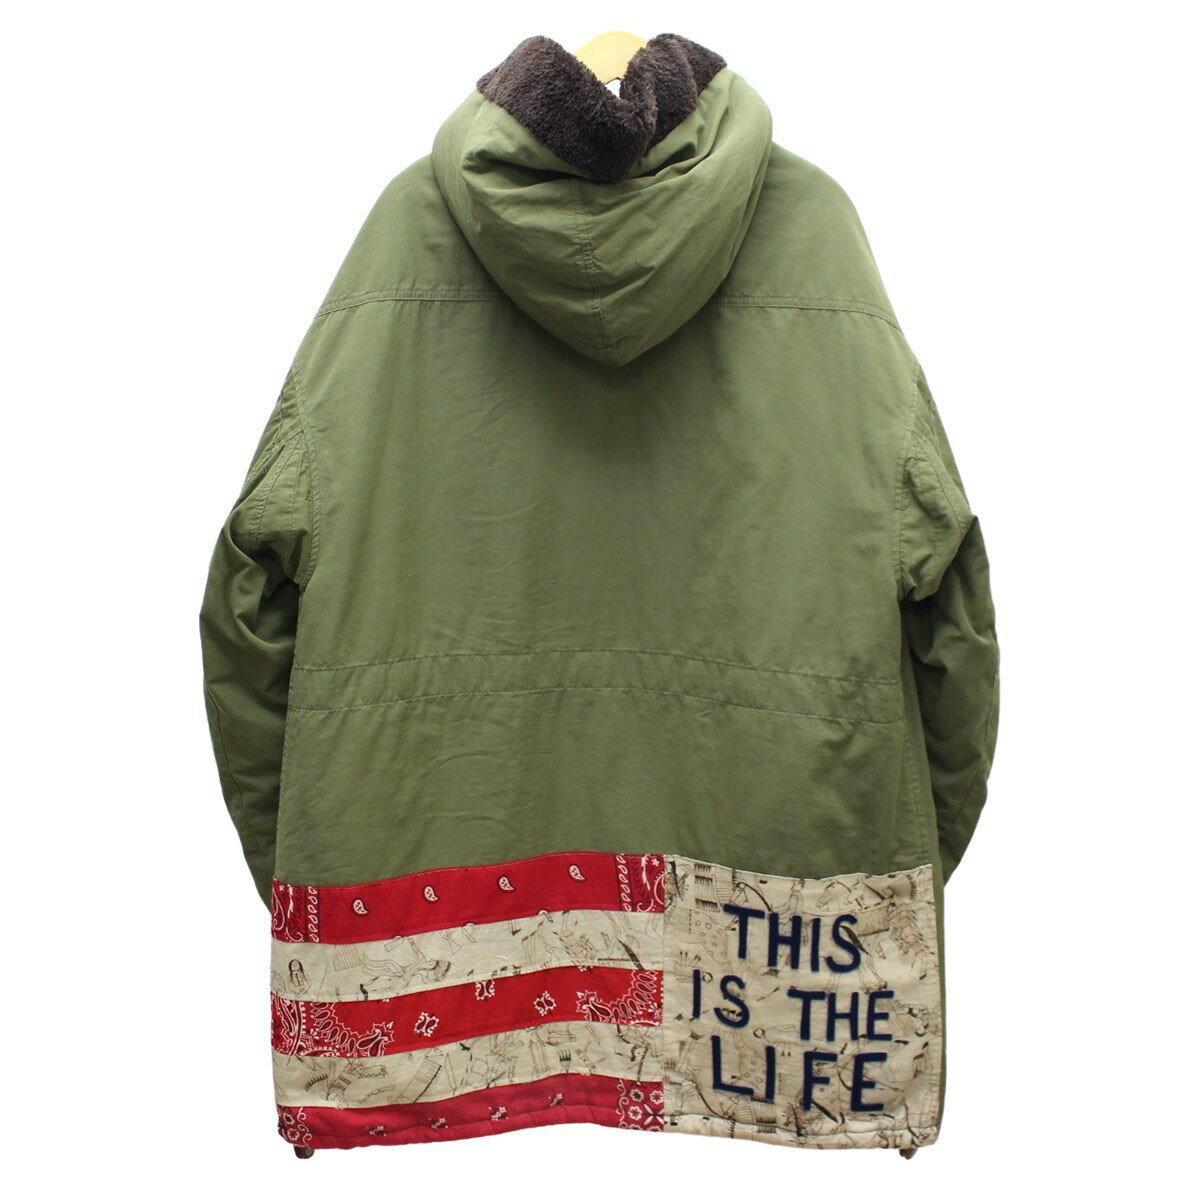 メンズファッション, コート・ジャケット VISVIM2019AW WRIGHT FIELD PARKA KERCHIEF 3(L) 123